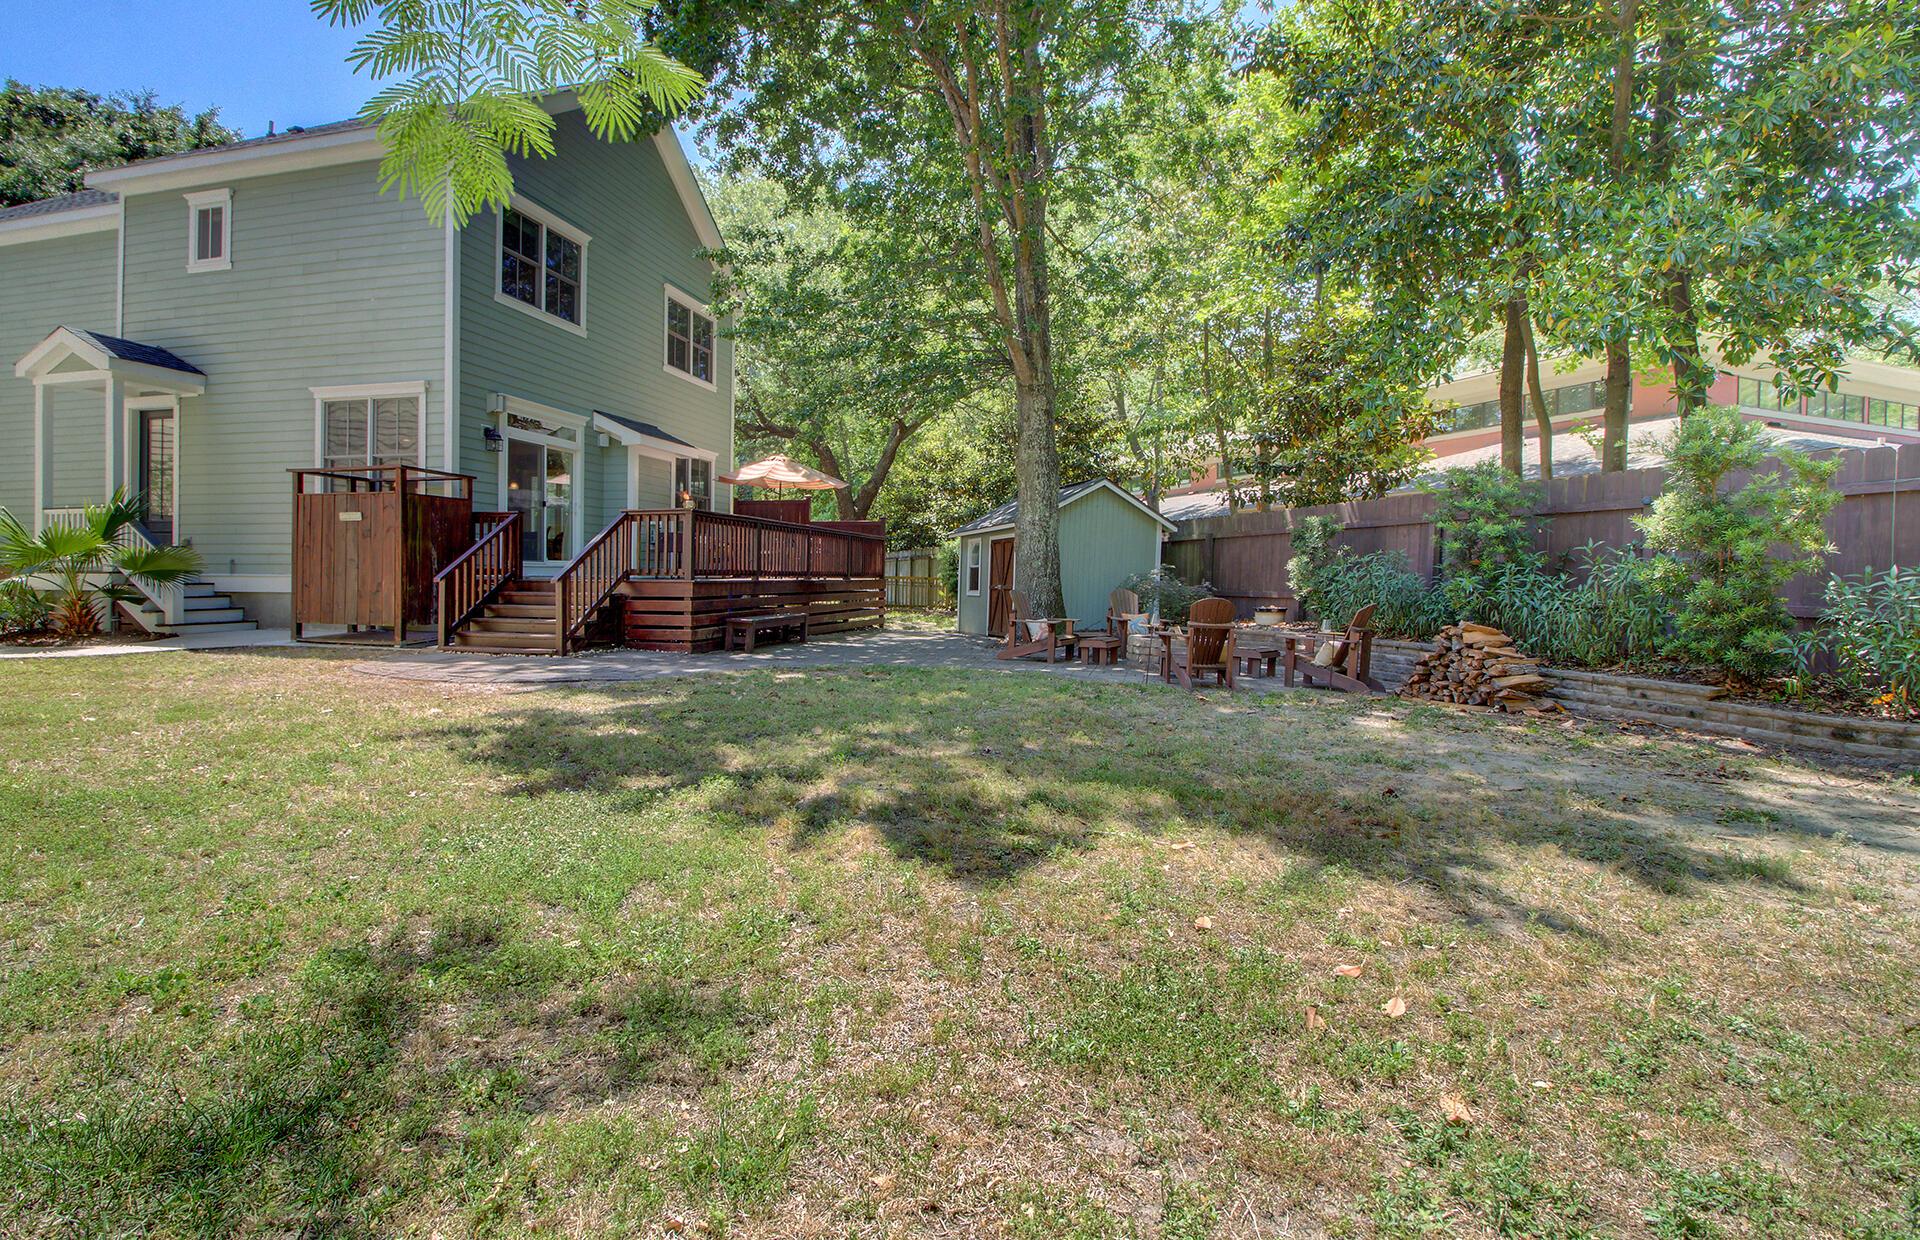 Phillips Park Homes For Sale - 1129 Phillips Park, Mount Pleasant, SC - 7